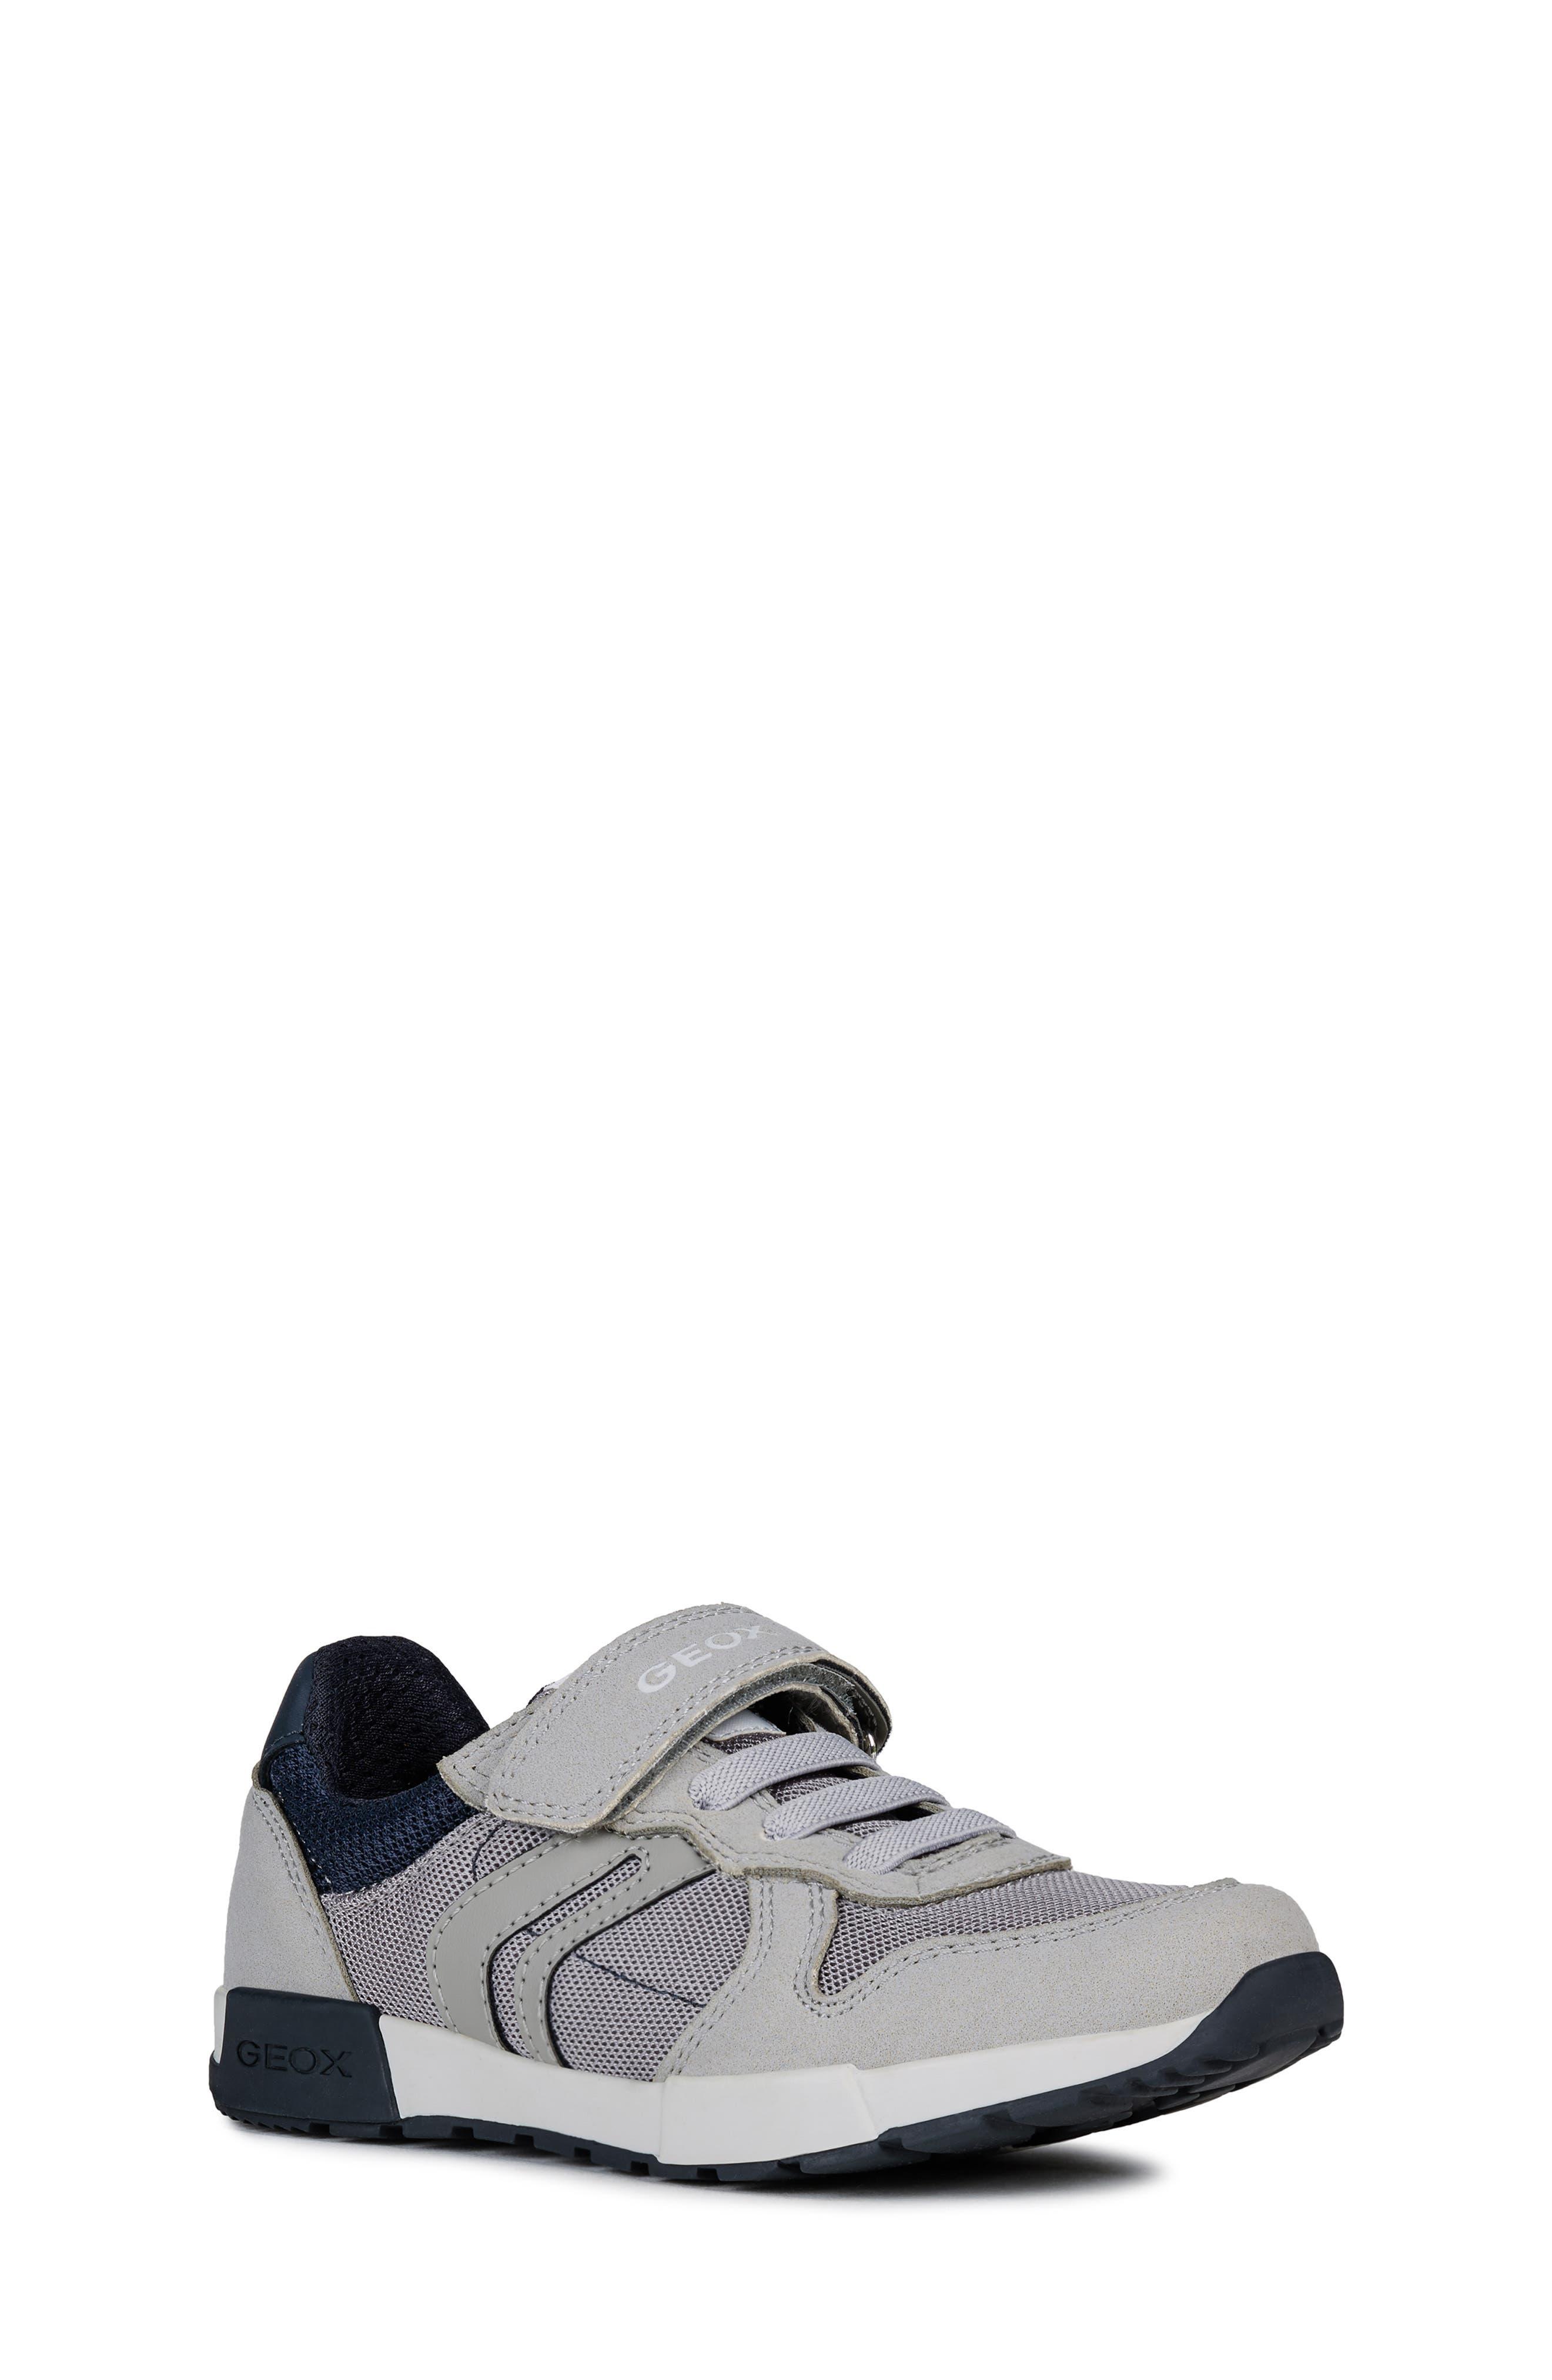 Boys Geox Alfier Sneaker Size 6US  39EU  Grey